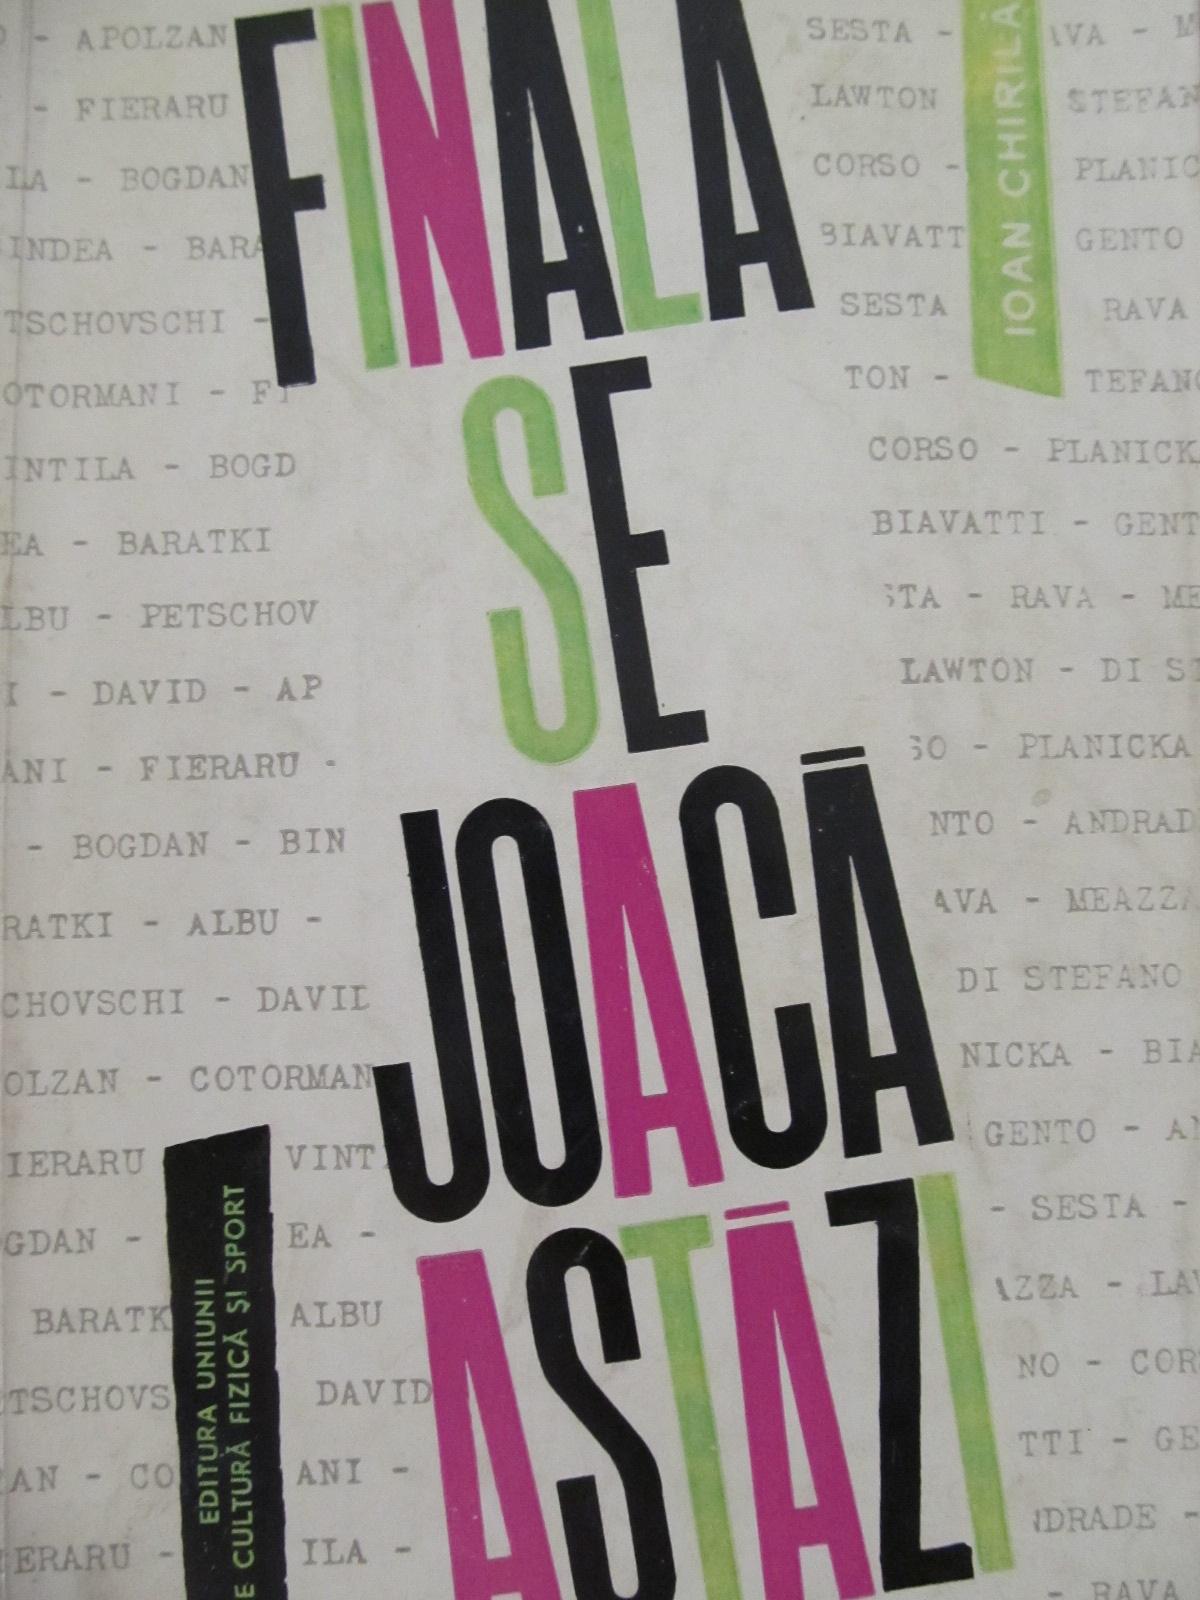 Finala se joaca astazi [1] - Ioan Chirila | Detalii carte